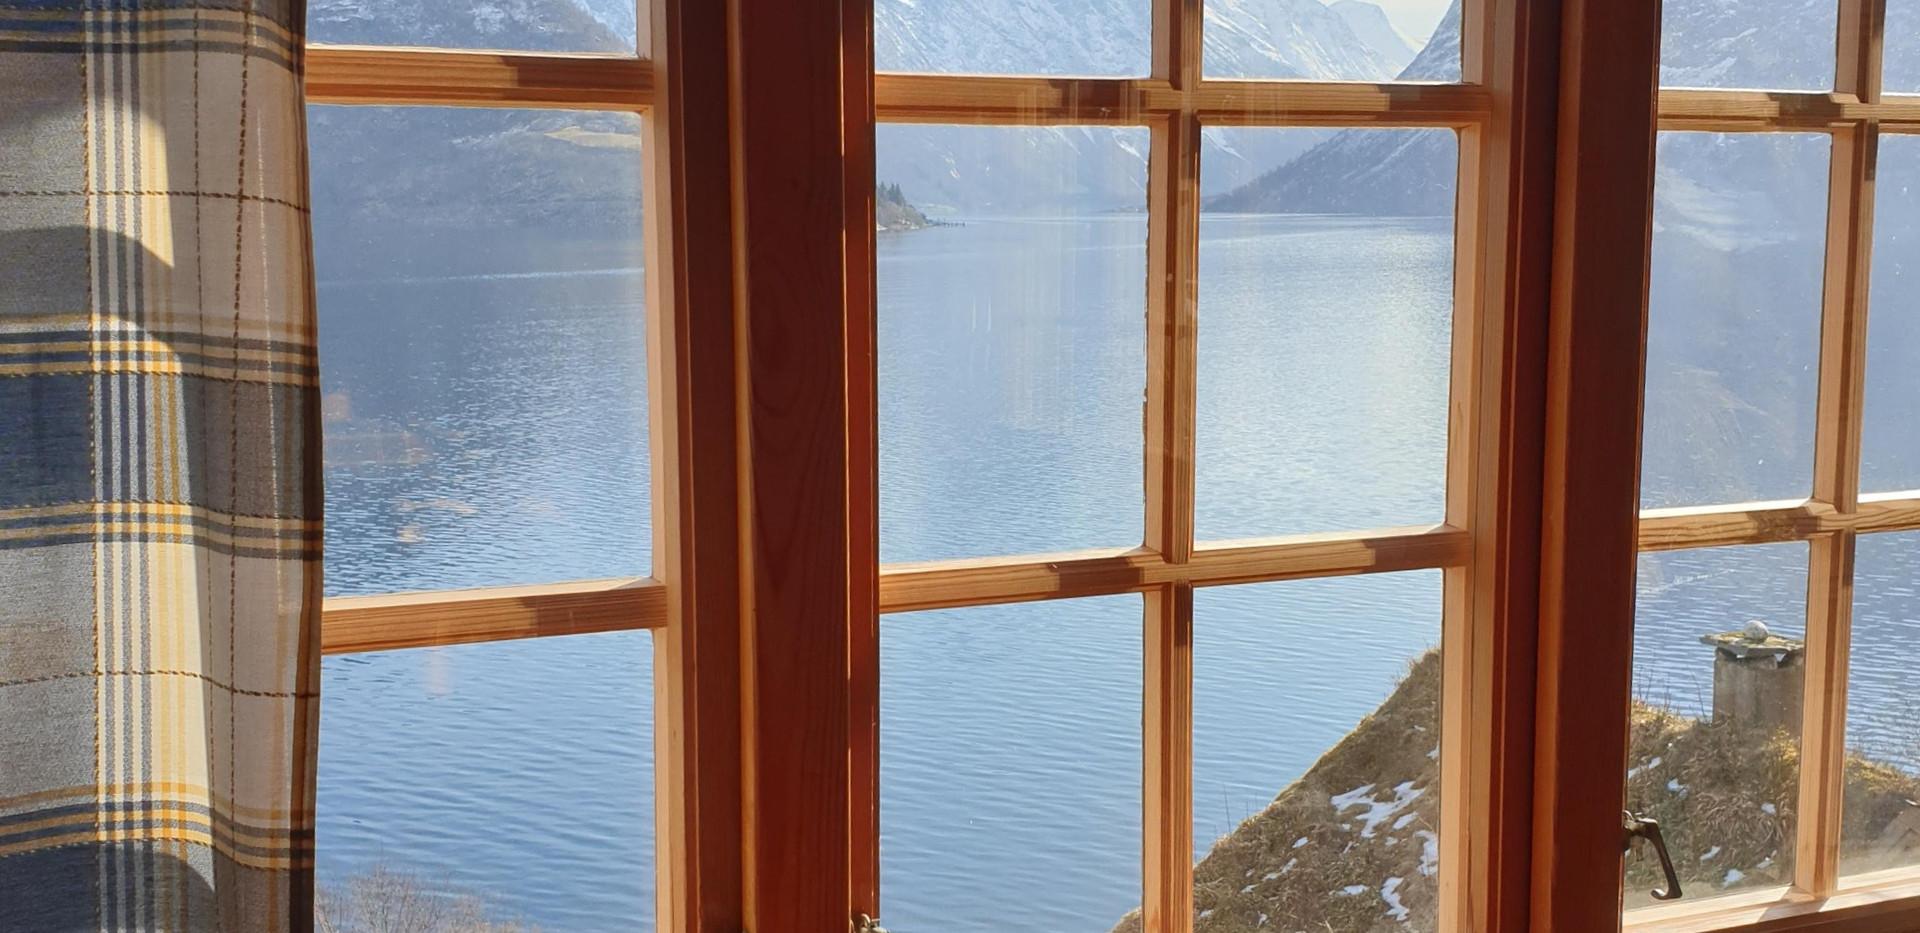 Utsikt hytte 5